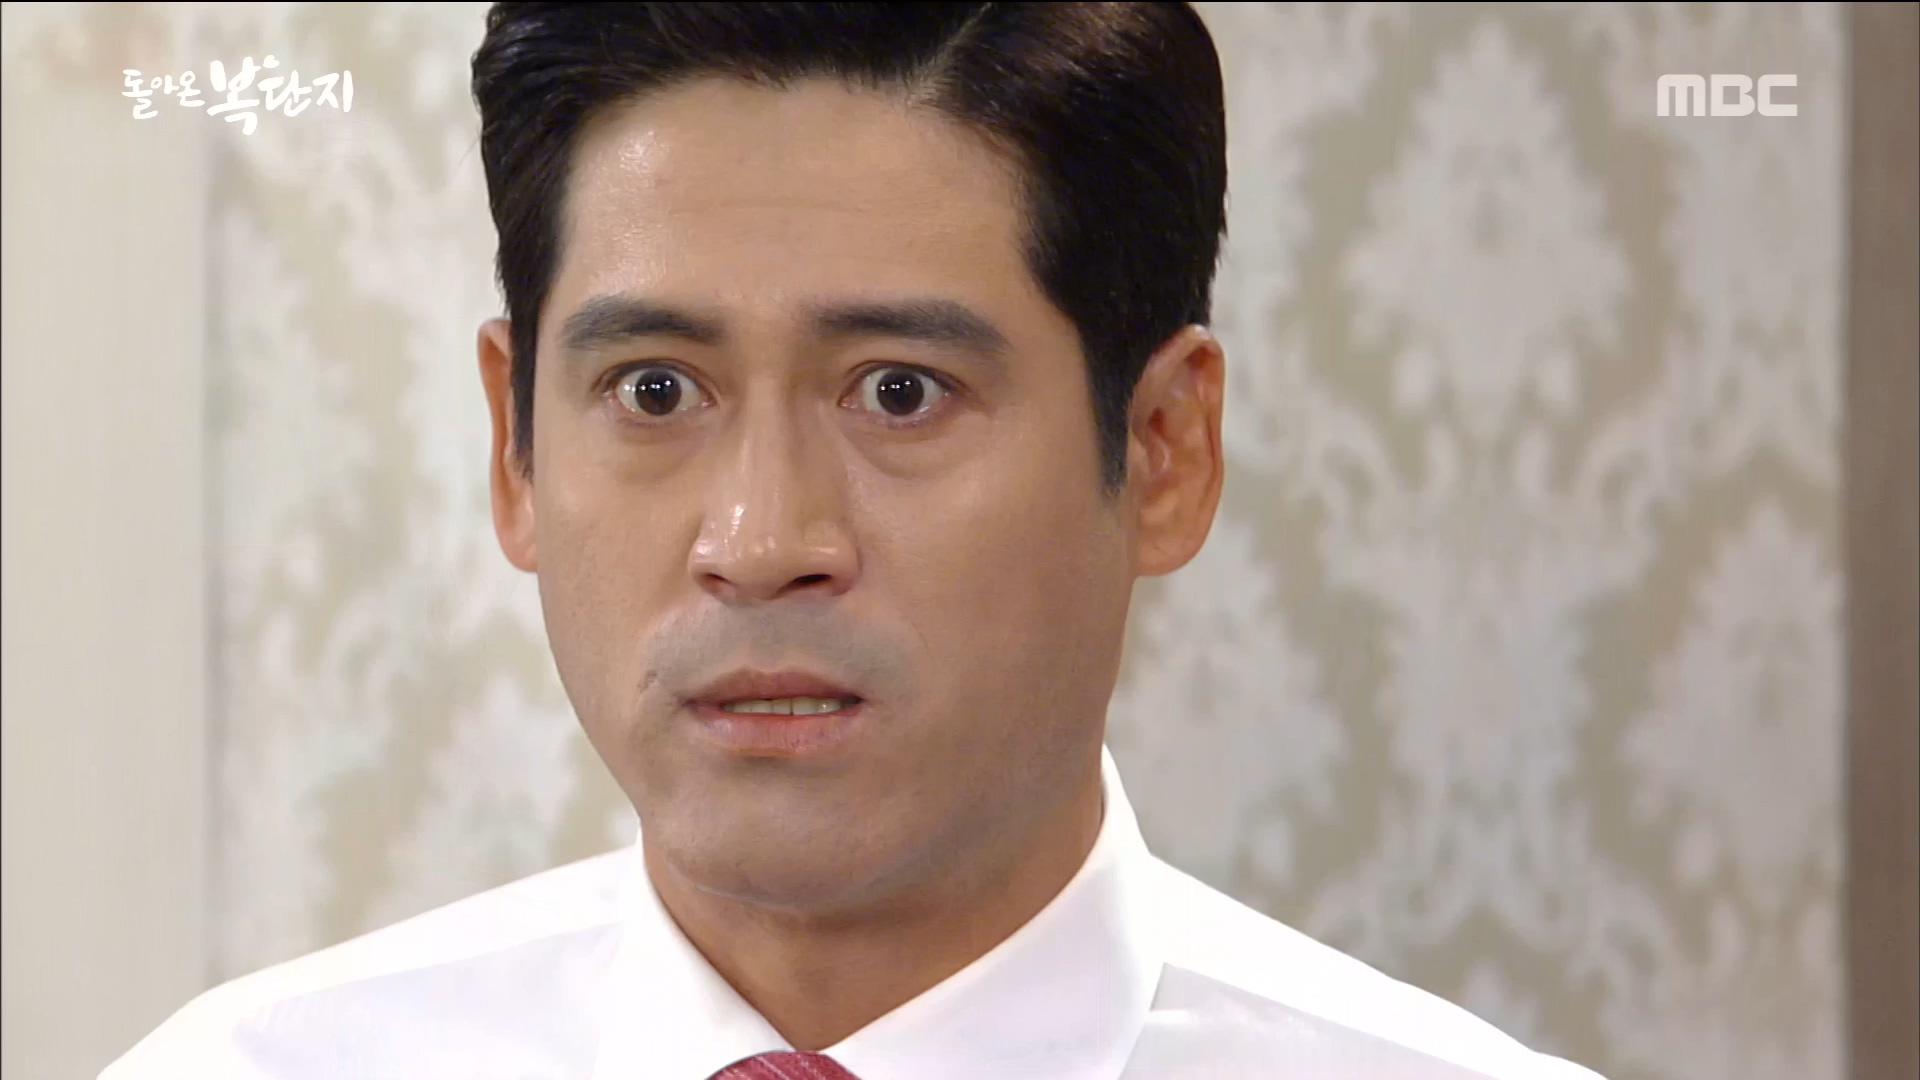 '송선미가 친자식 아니라고?' 이형철, 복수 다짐!